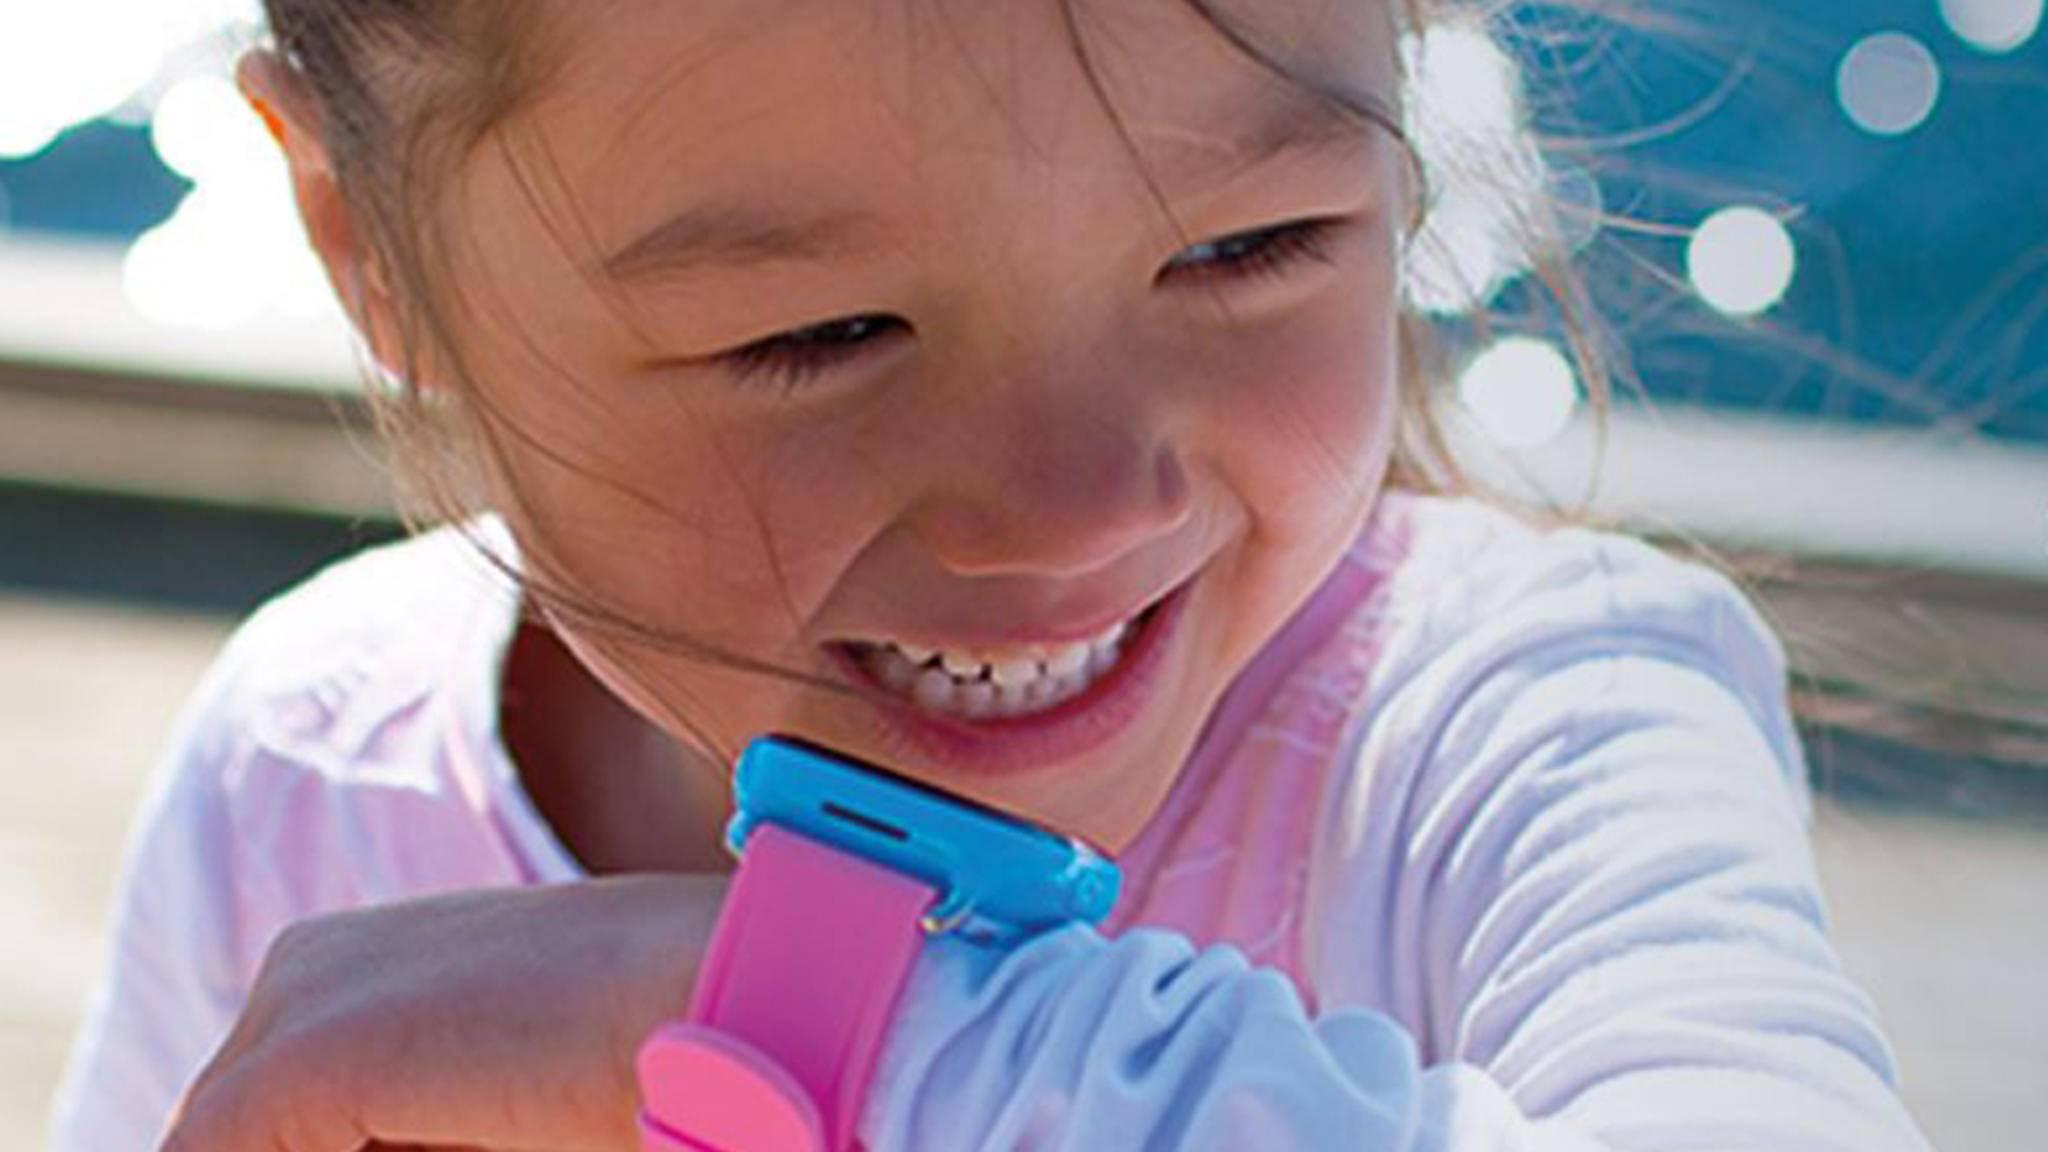 Über die Xplora-App können bis zu 12 Kontakte hinzugefügt werden, mit denen der Nachwuchs telefonieren kann.